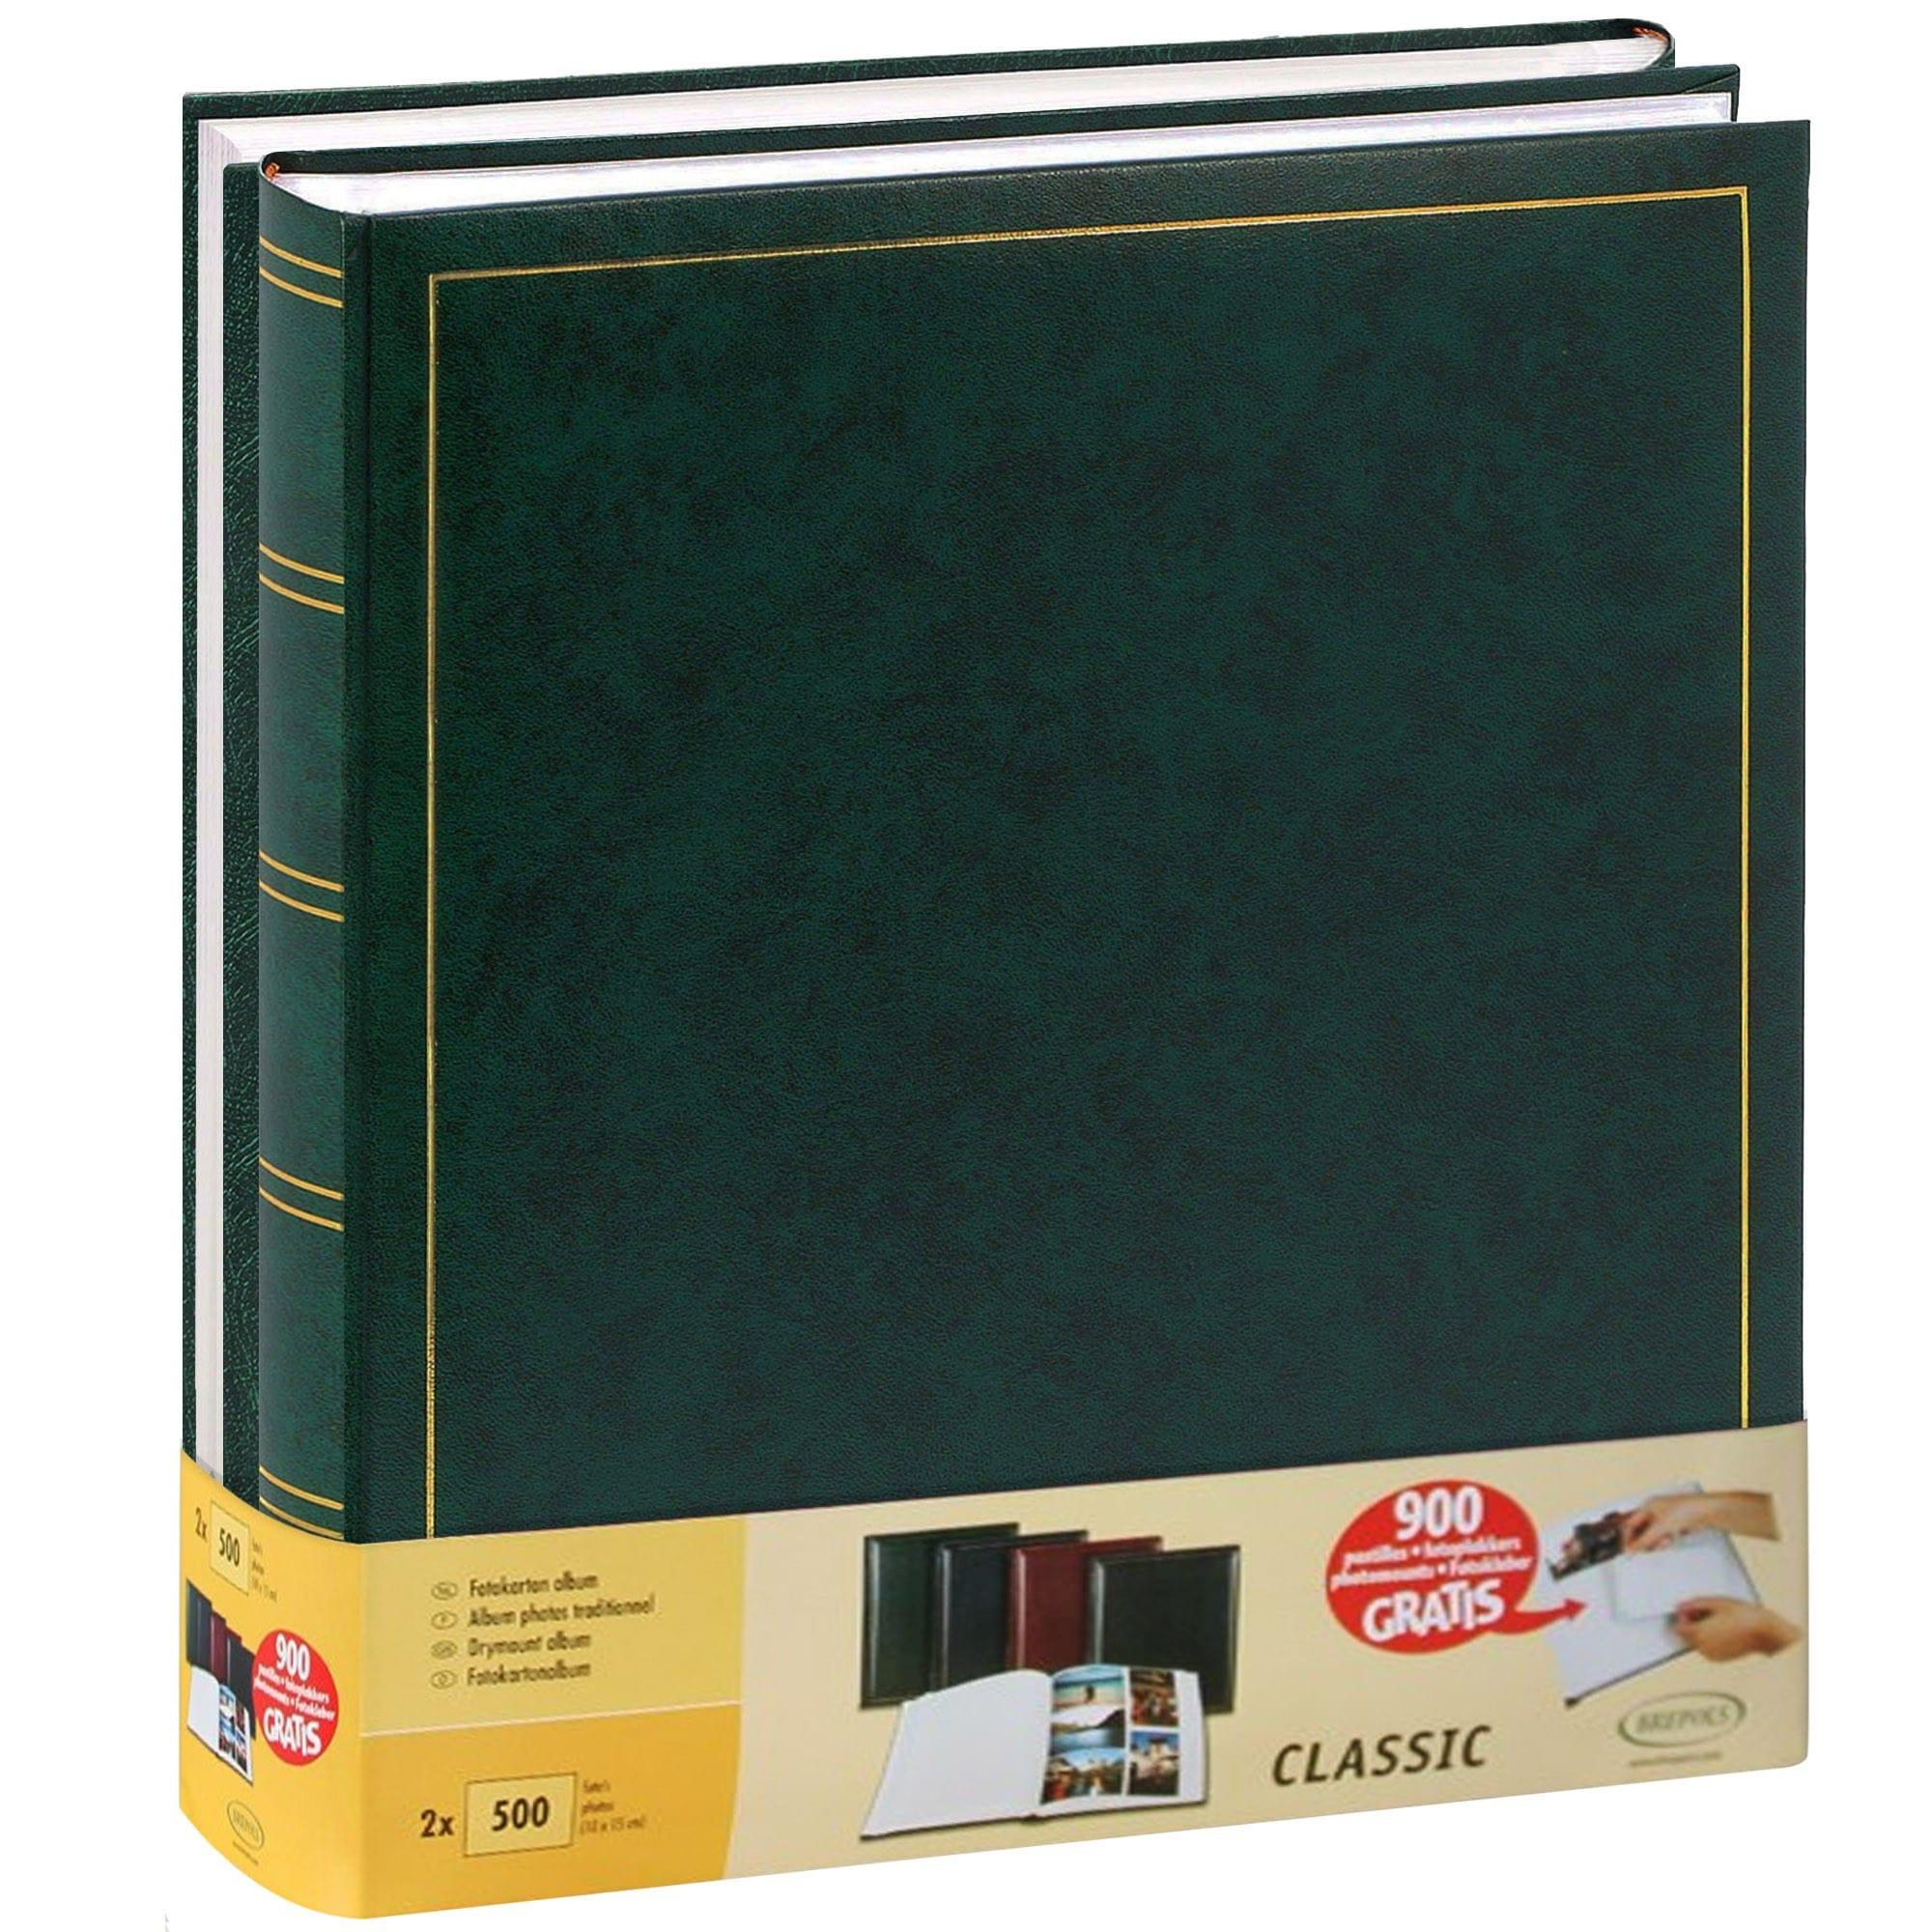 BREPOLS - Album photo traditionnel JUMBO - 100 pages blanches + feuillets cristal - 500 photos - Couverture Verte 29x32cm - Lot de 2 + 900 pastilles